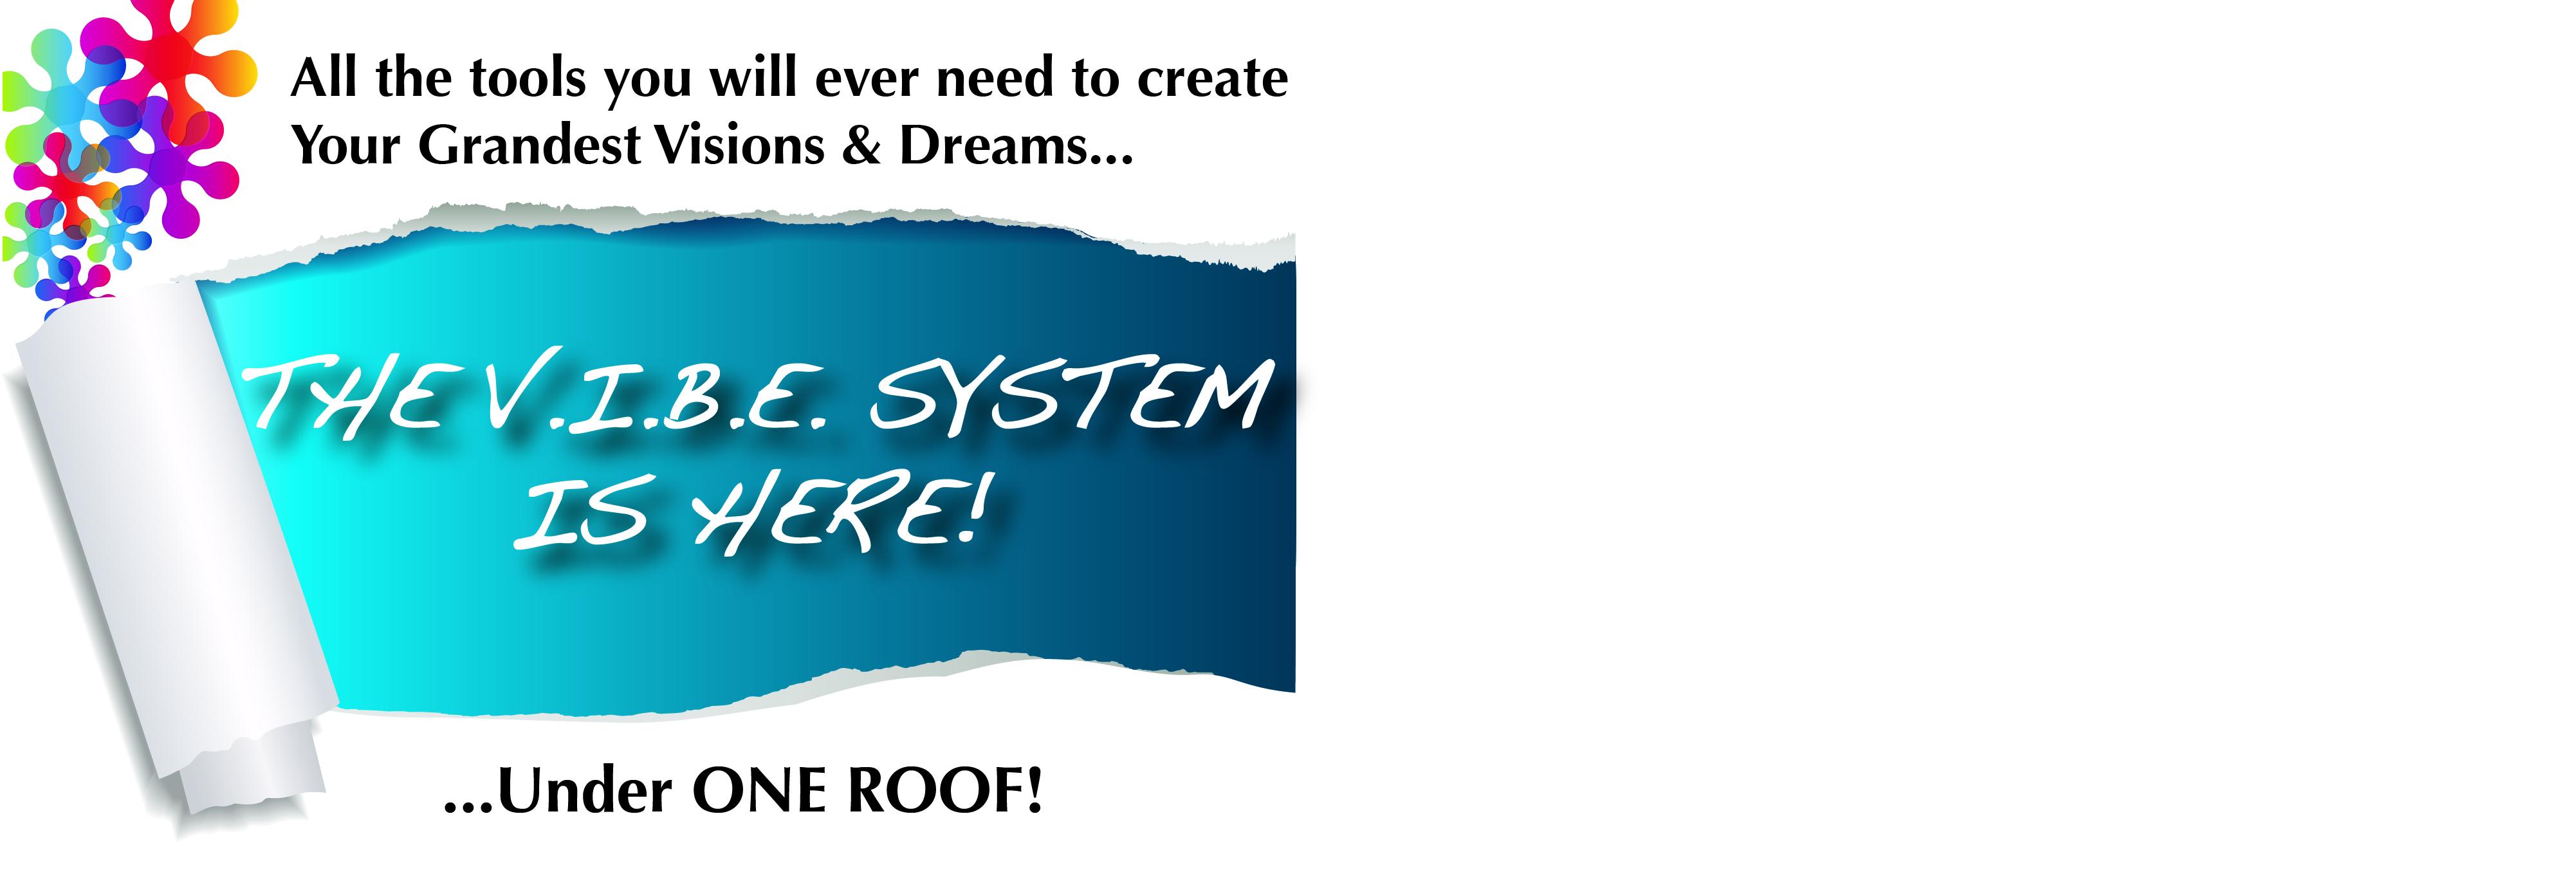 V.I.B.E. System Online